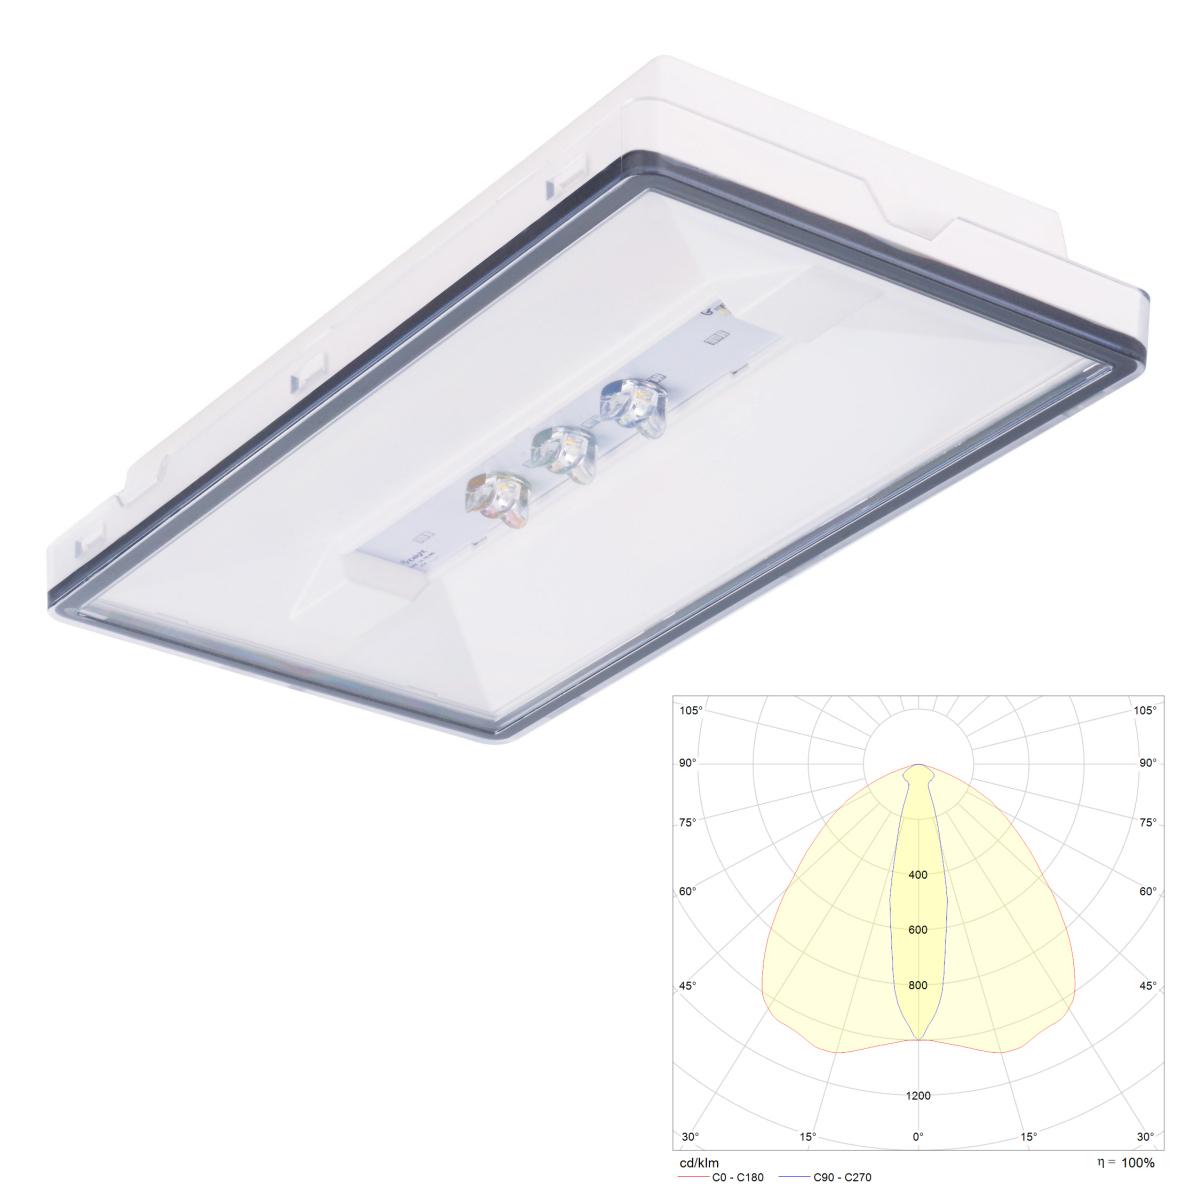 Vella LED SCH IP65 Intelight аварийные светодиодные светильники освещения эвакуационных путей для высоких помещений